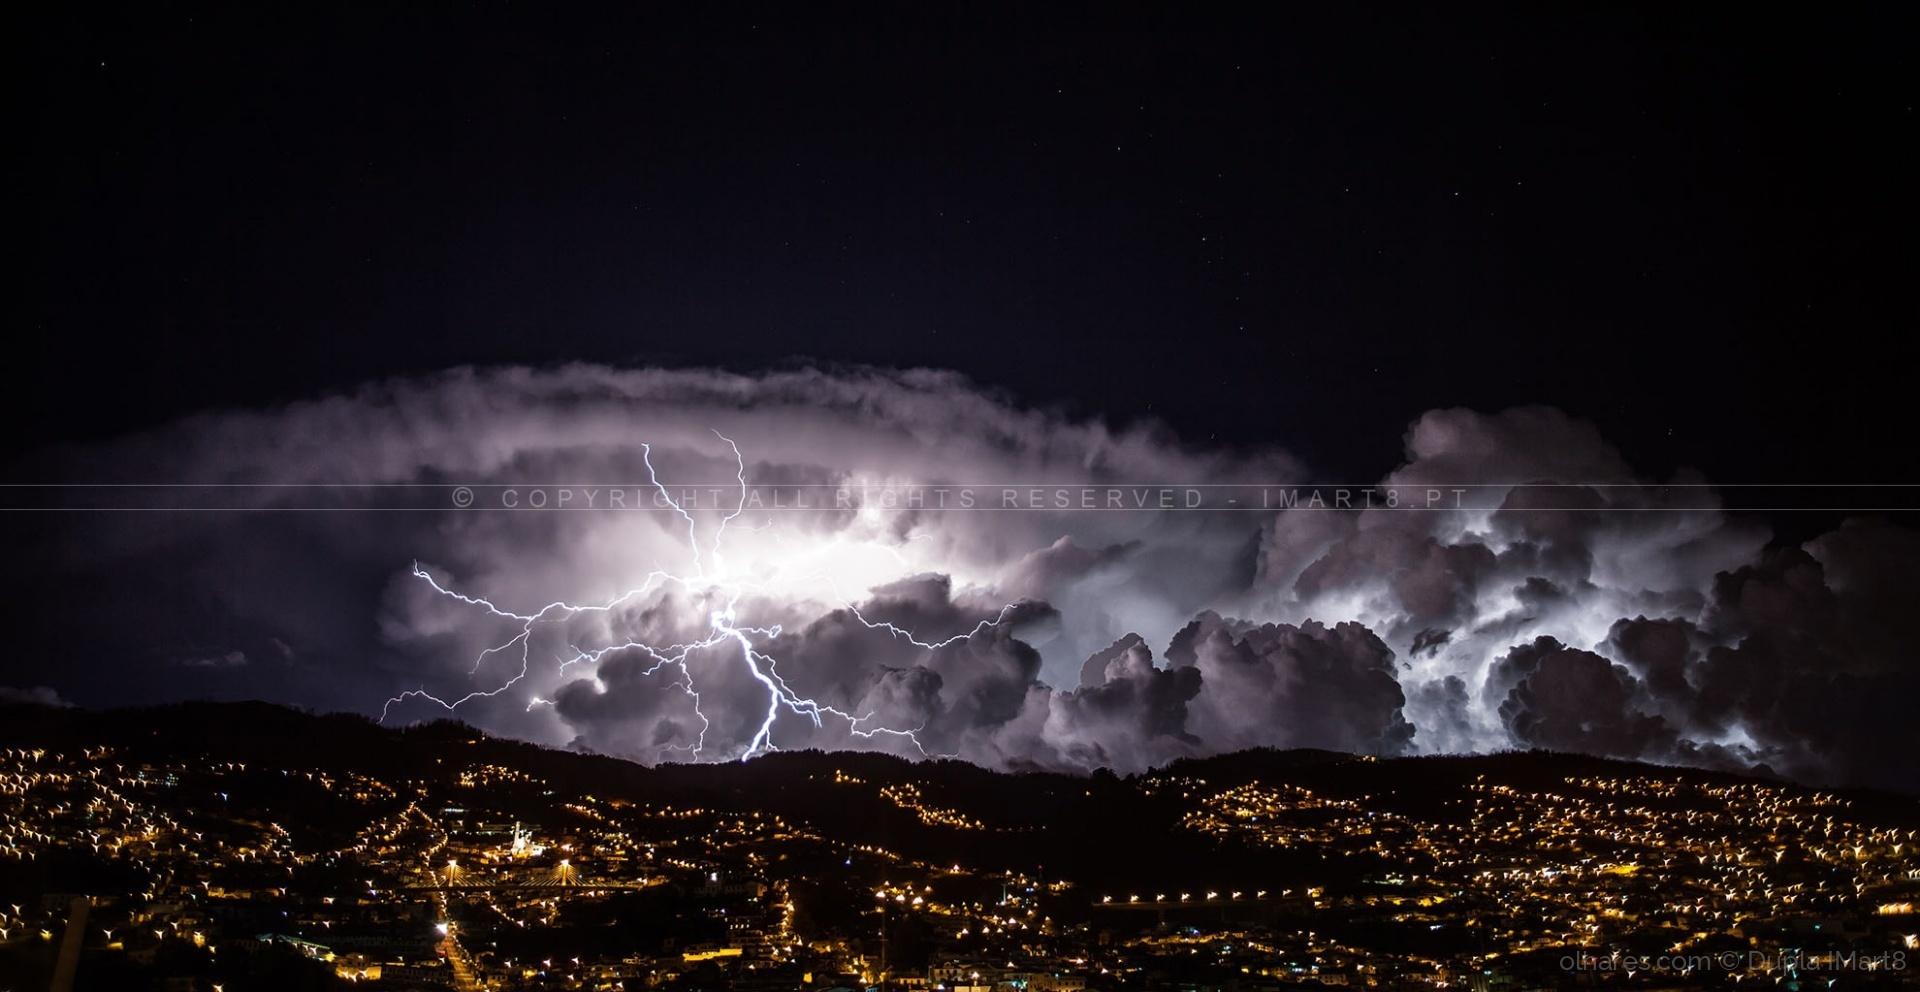 Paisagem Urbana/Mâo Eletrificante!....